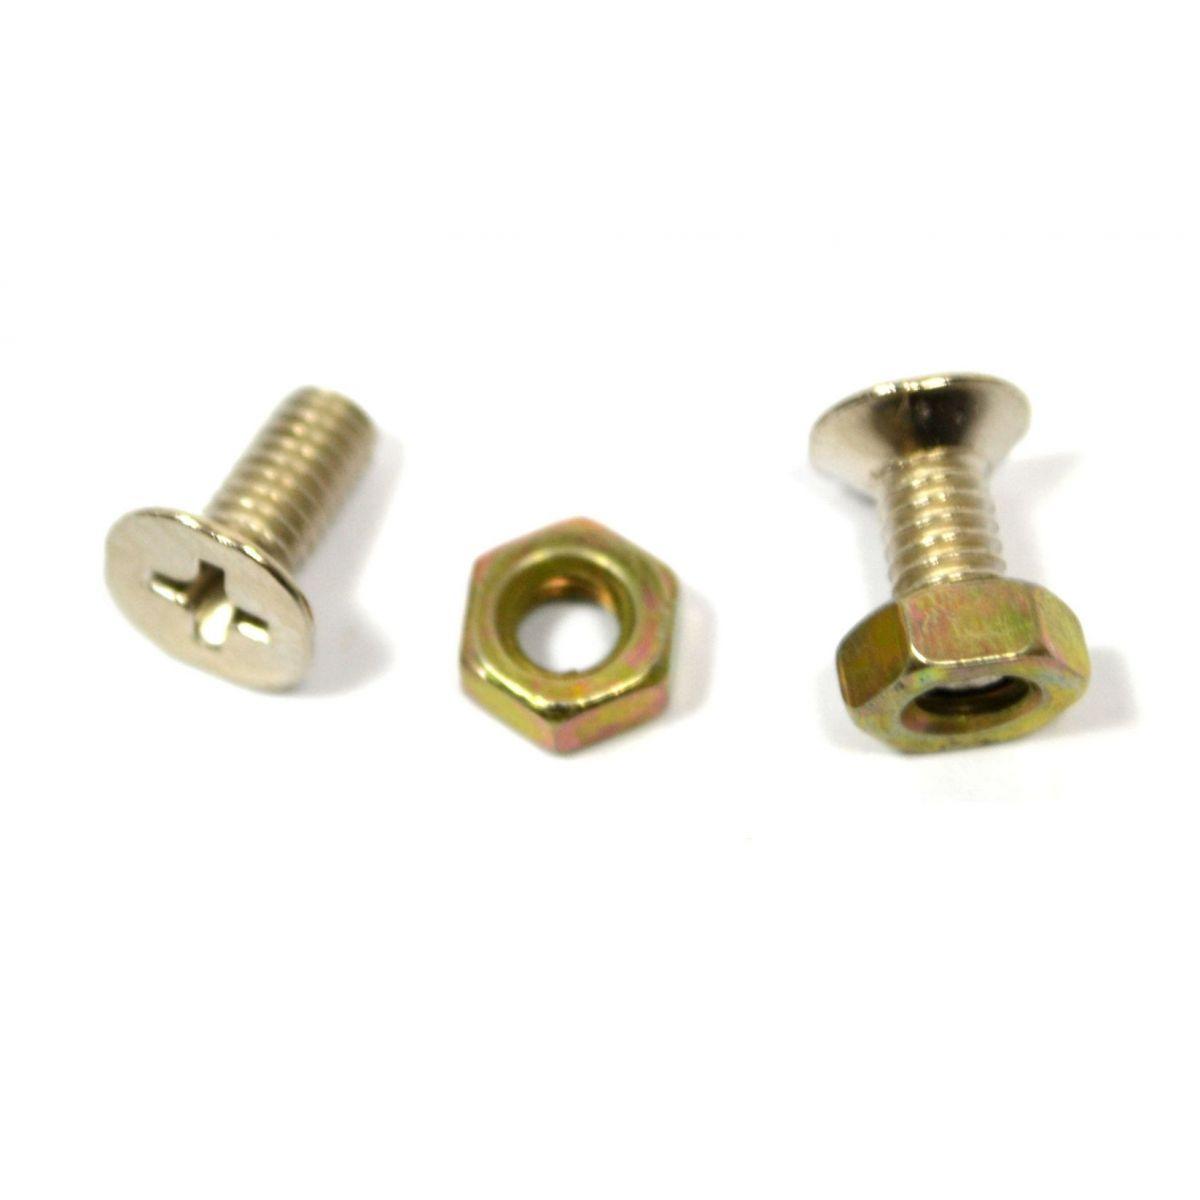 Parafuso cromado para nut (9mm x 4mm) - Kit c/ 2 peças  - Luthieria Brasil